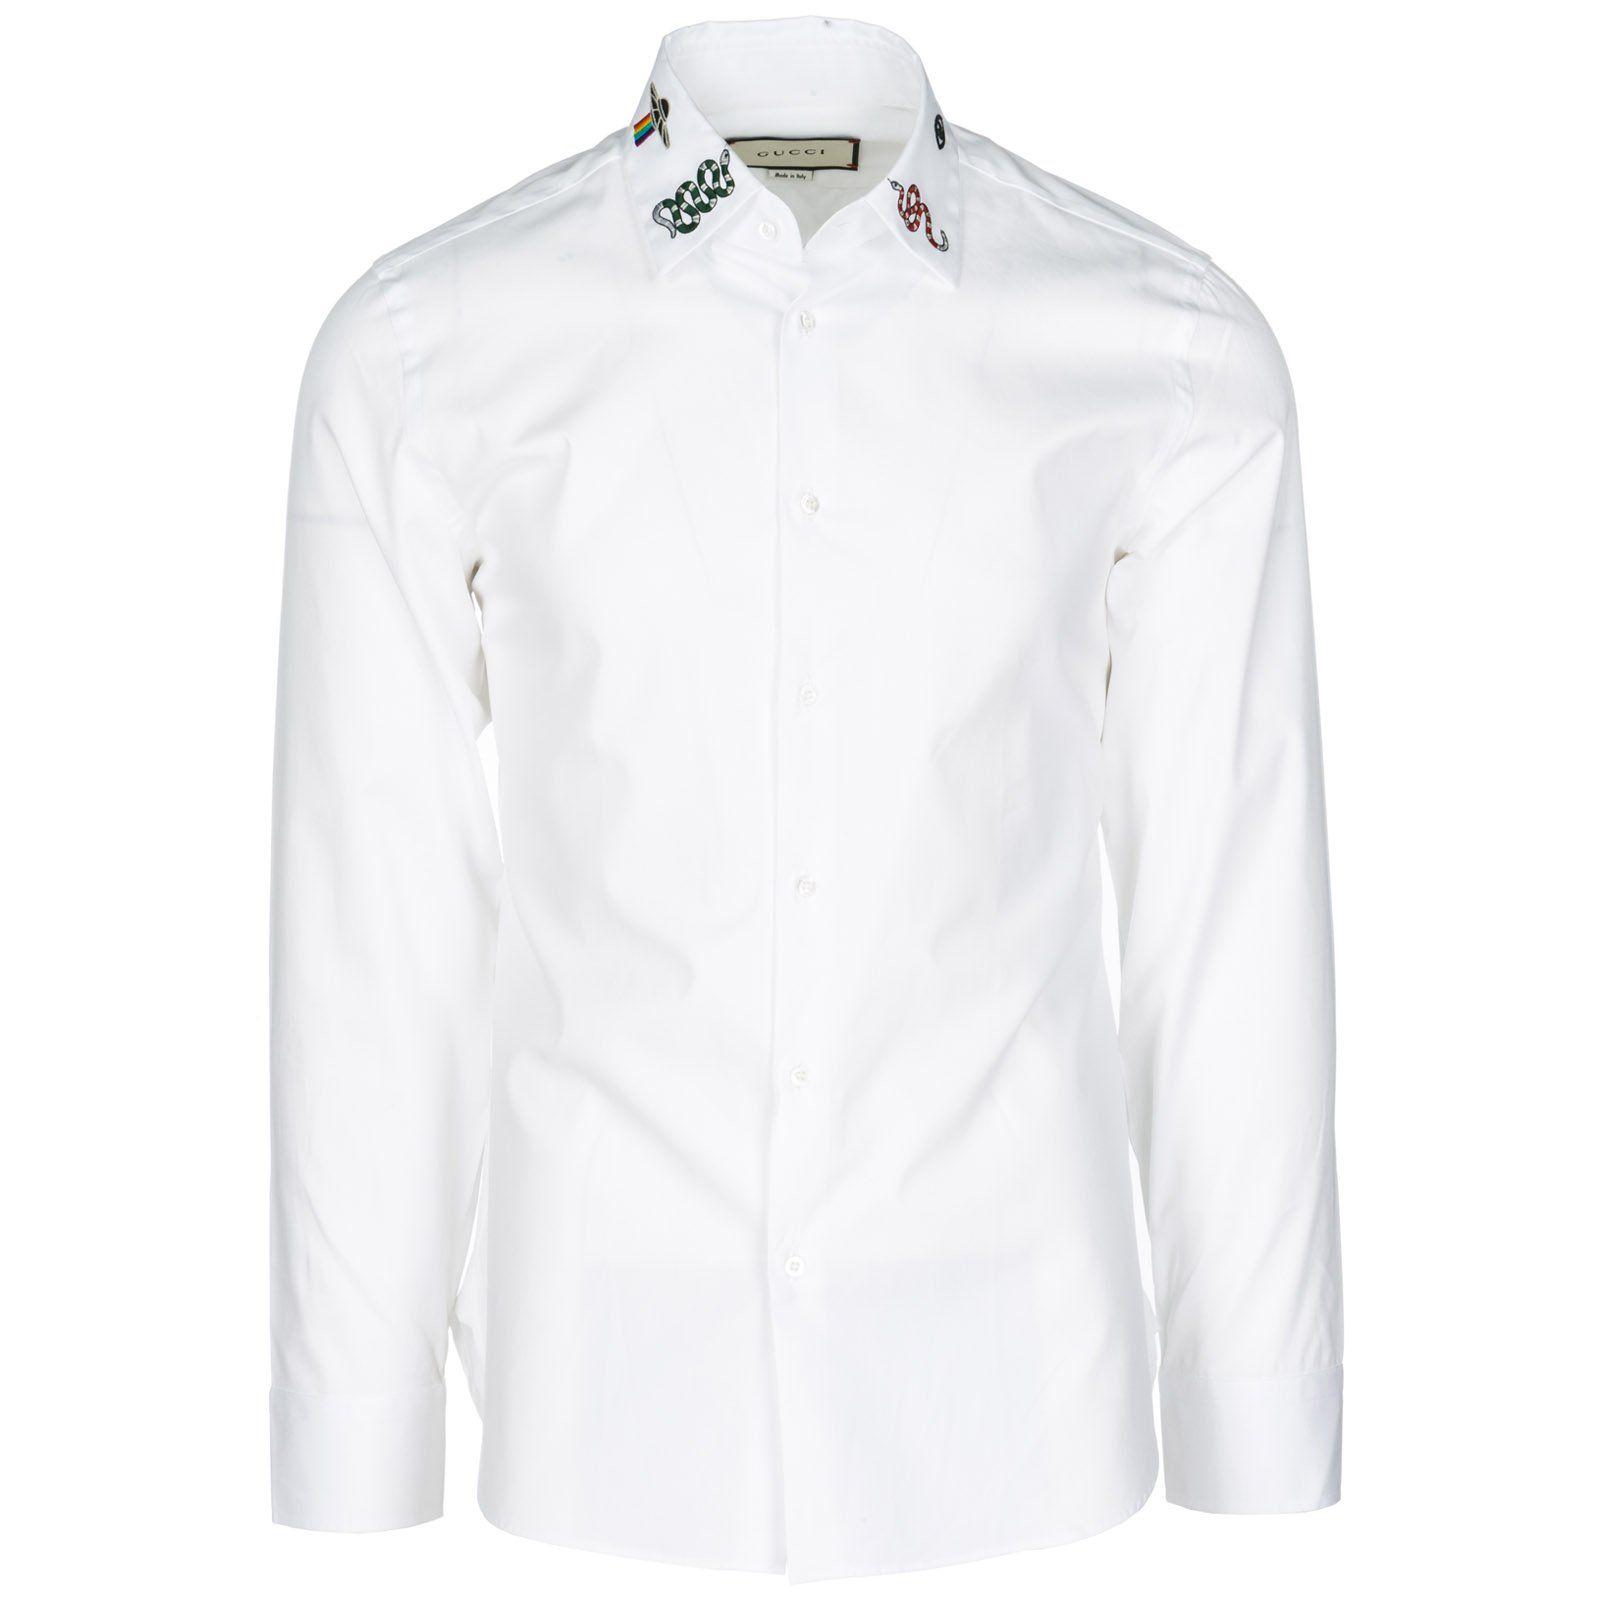 Gucci Gucci Embroidered Collar Shirt Gucci Cloth Gucci Gucci